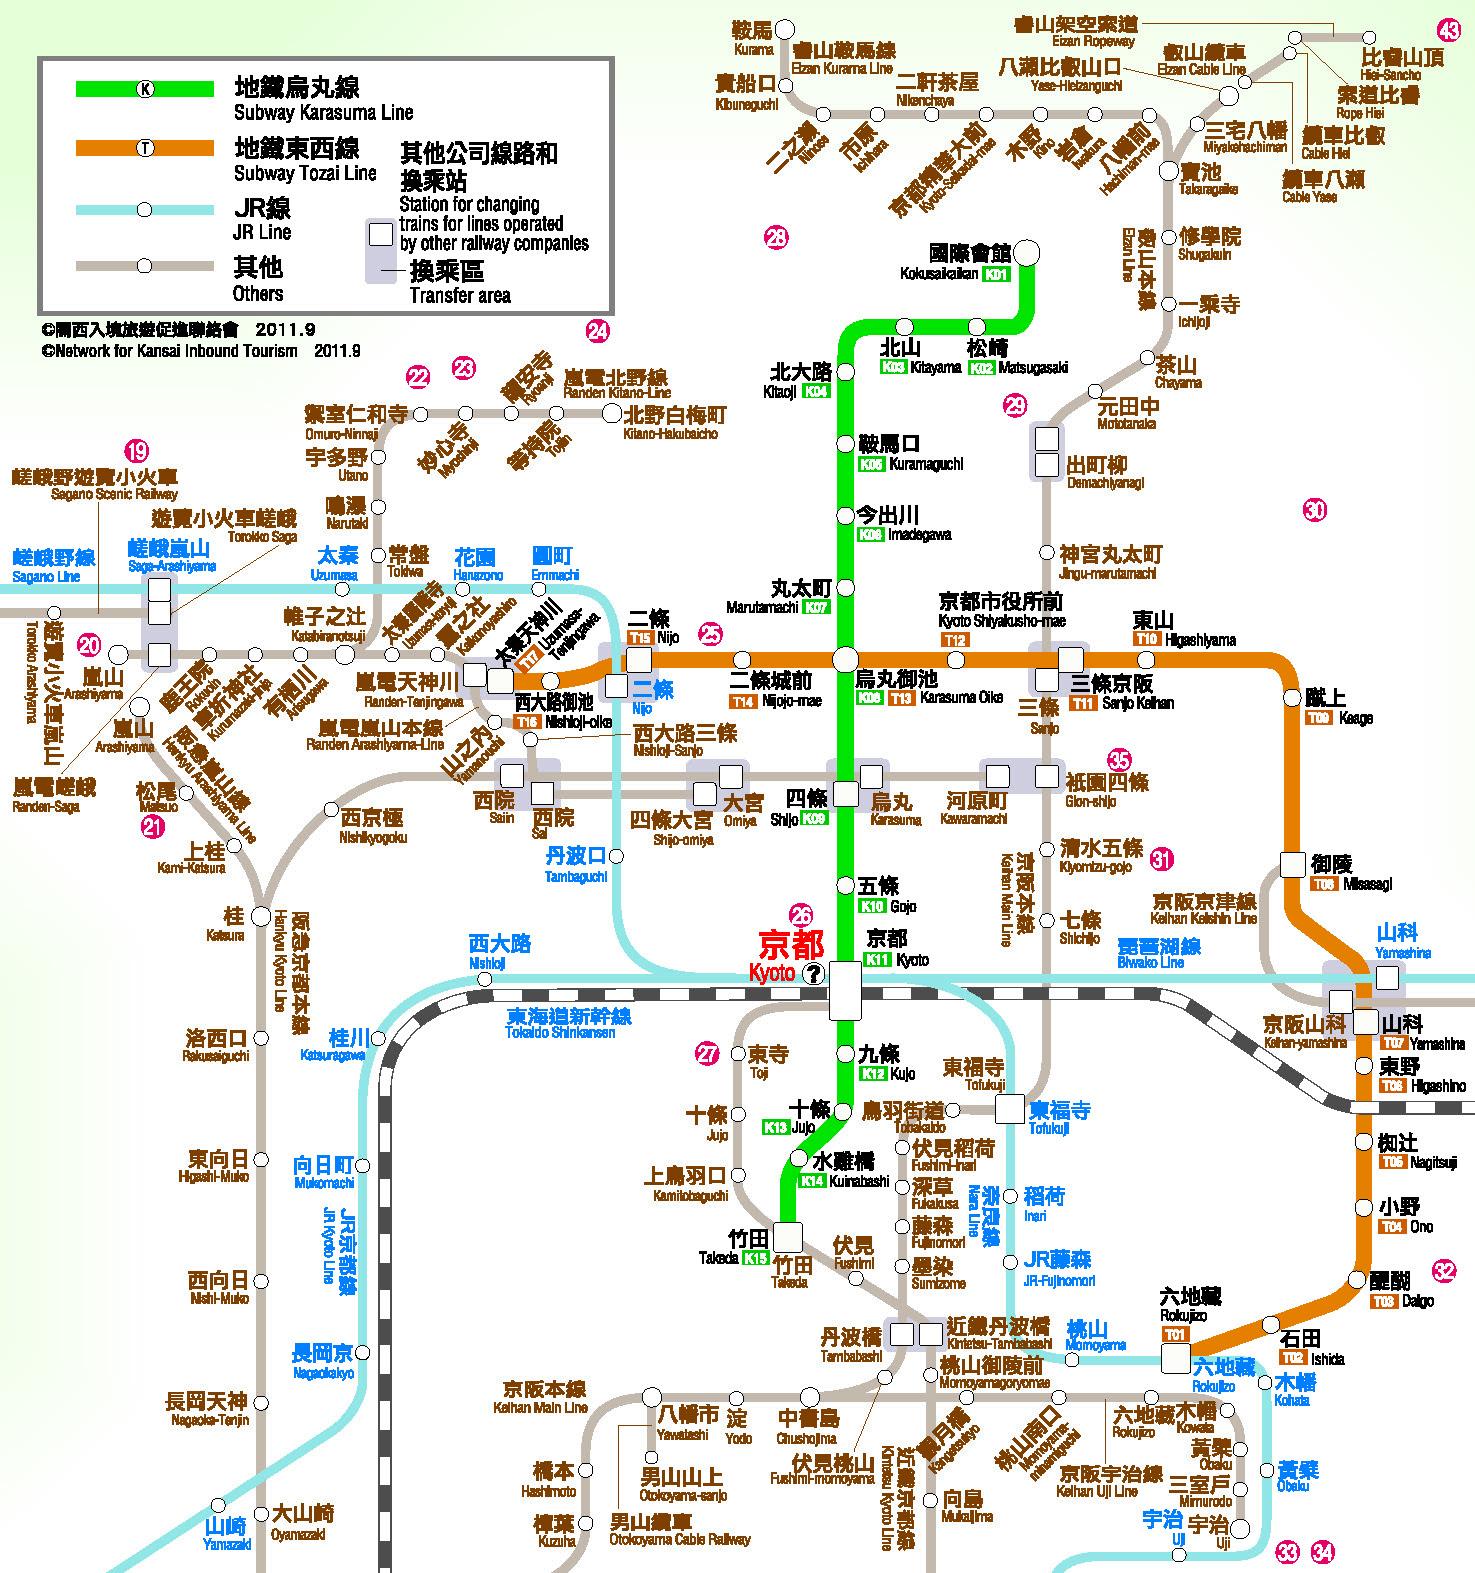 小芋頭的幸褔二加一進行式: 關於自由行交通地圖